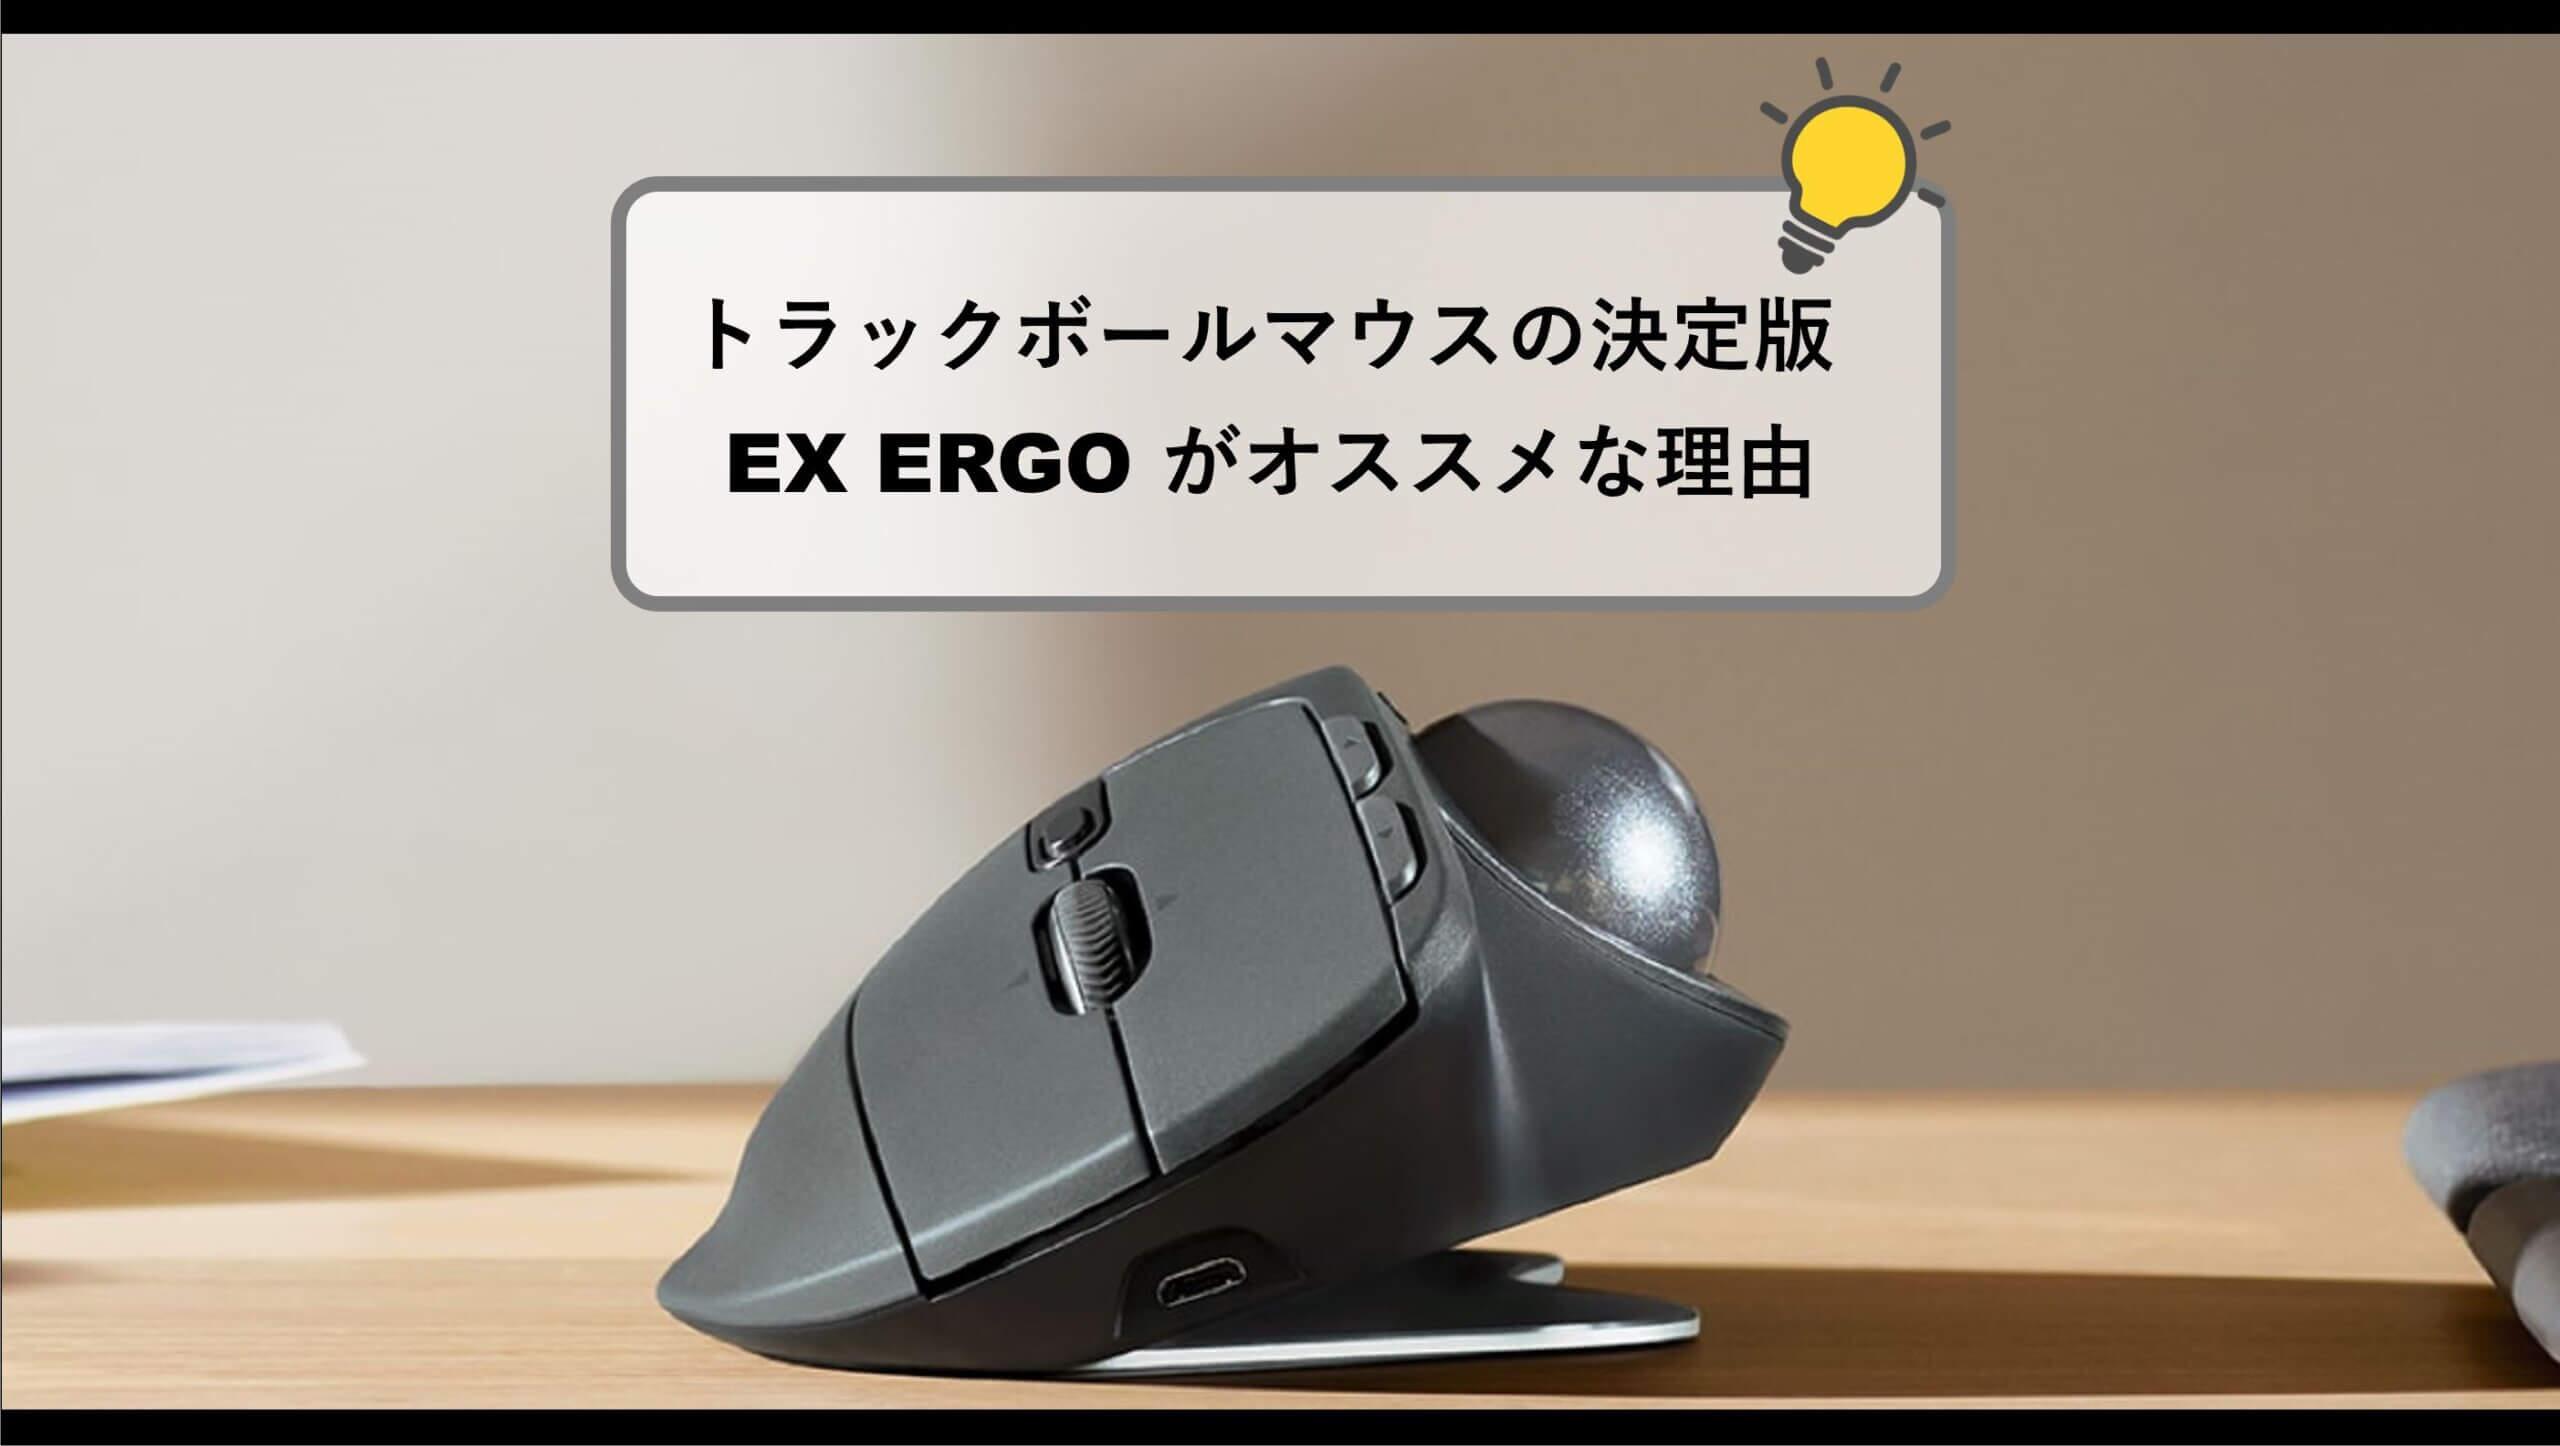 ロジクール MX ERGOがオススメな理由【トラックボールマウス】